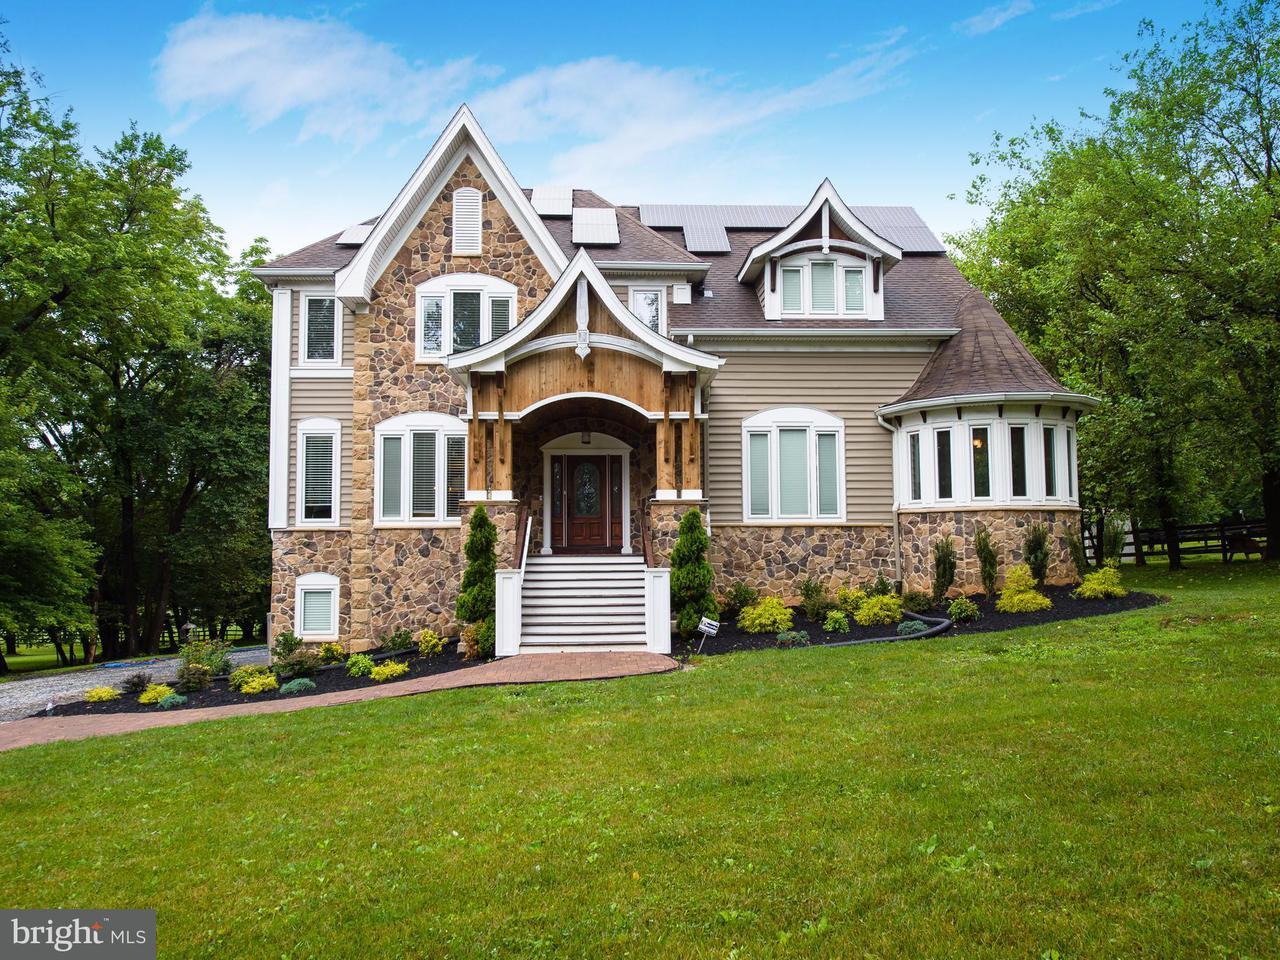 Частный односемейный дом для того Продажа на 14910 BUSHY PARK Road 14910 BUSHY PARK Road Woodbine, Мэриленд 21797 Соединенные Штаты